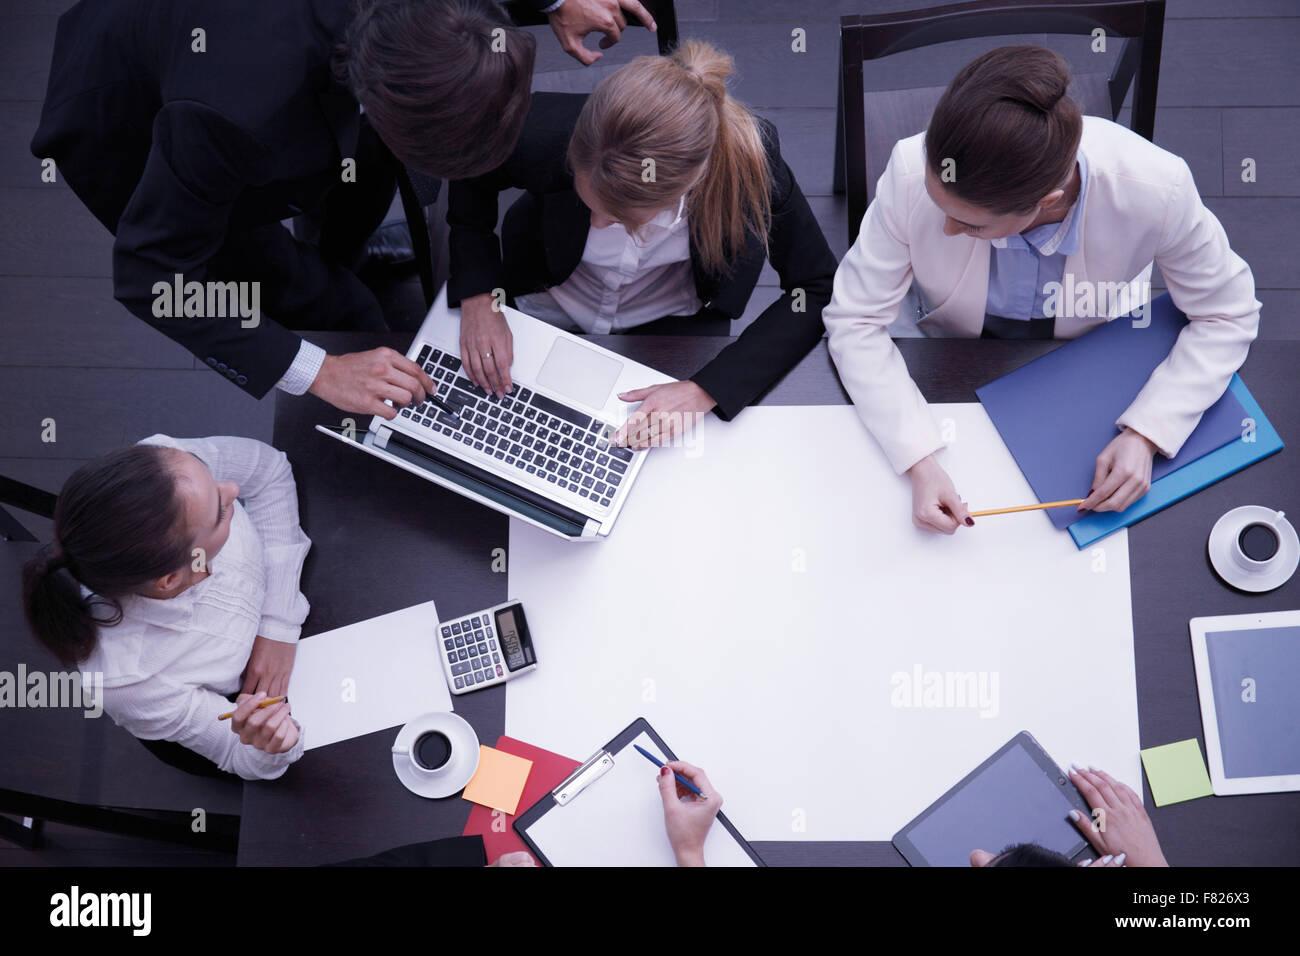 Travail avec des gens d'affaires, tasse de café, smartphone, tablette numérique, documents et divers objets de bureau Banque D'Images